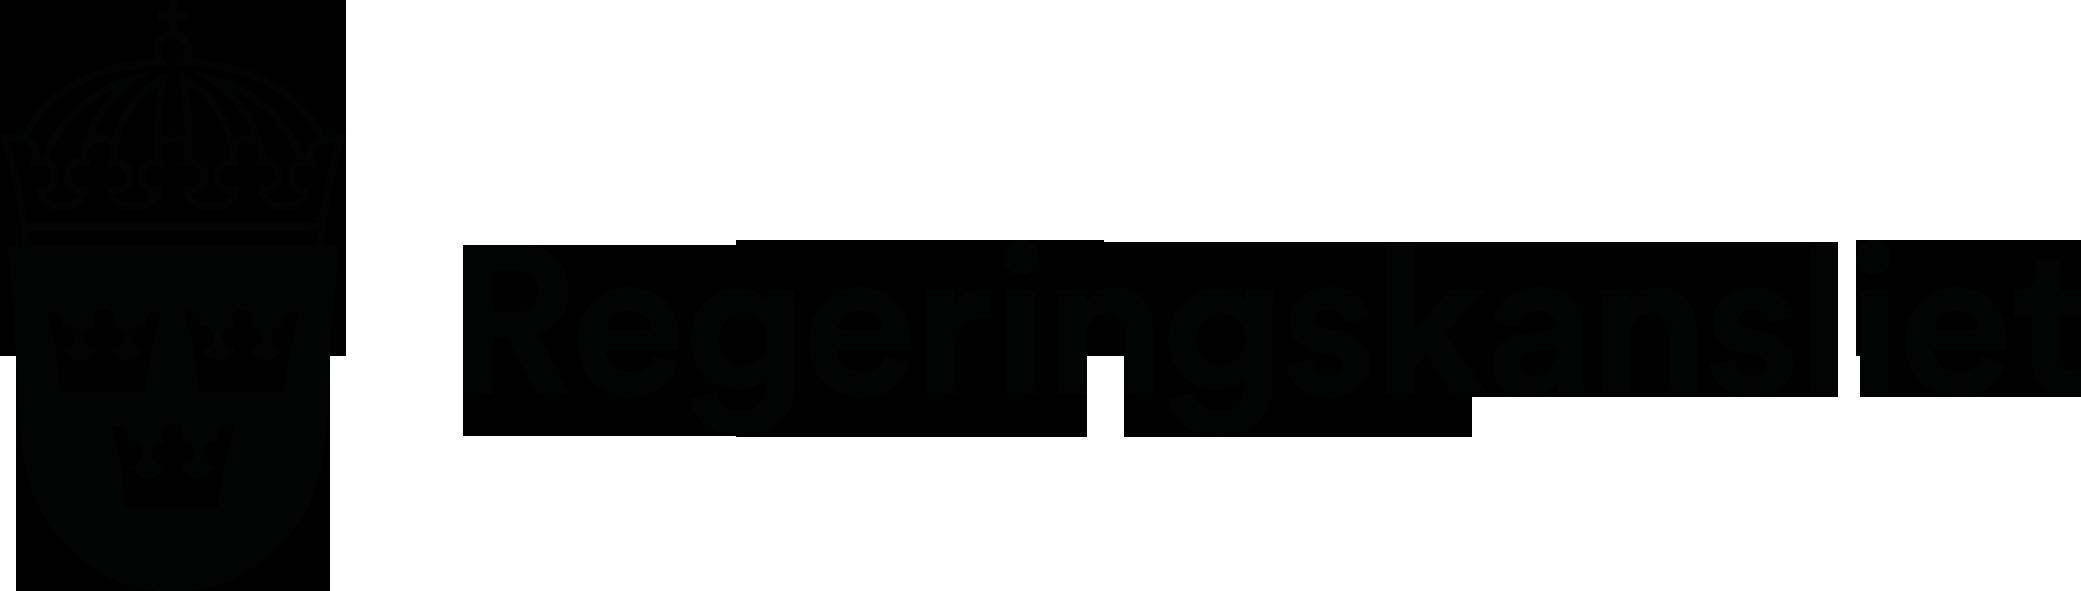 Regeringskansliet-logo.png